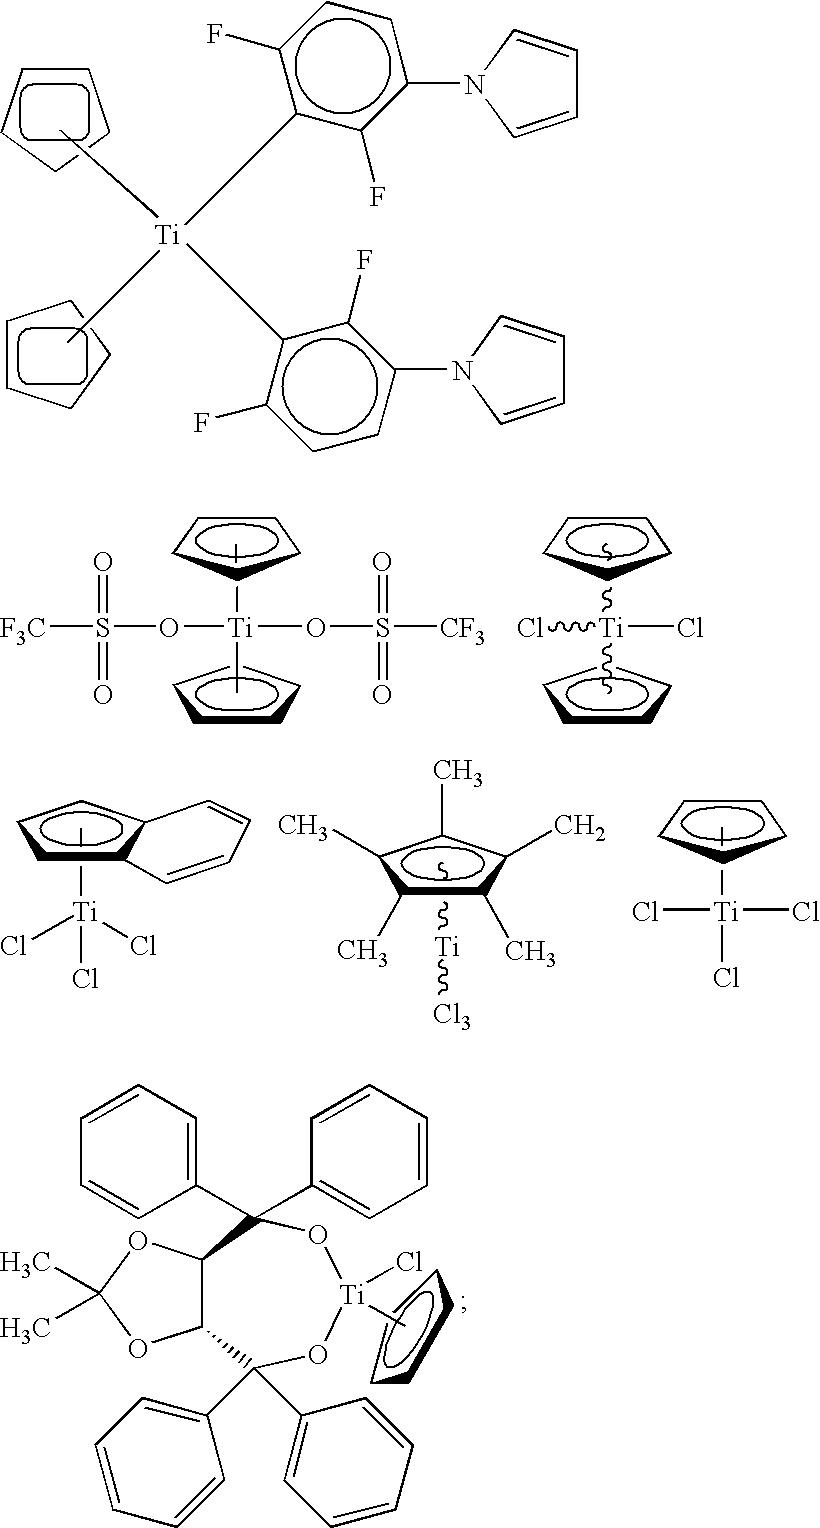 Figure US20090246657A1-20091001-C00001